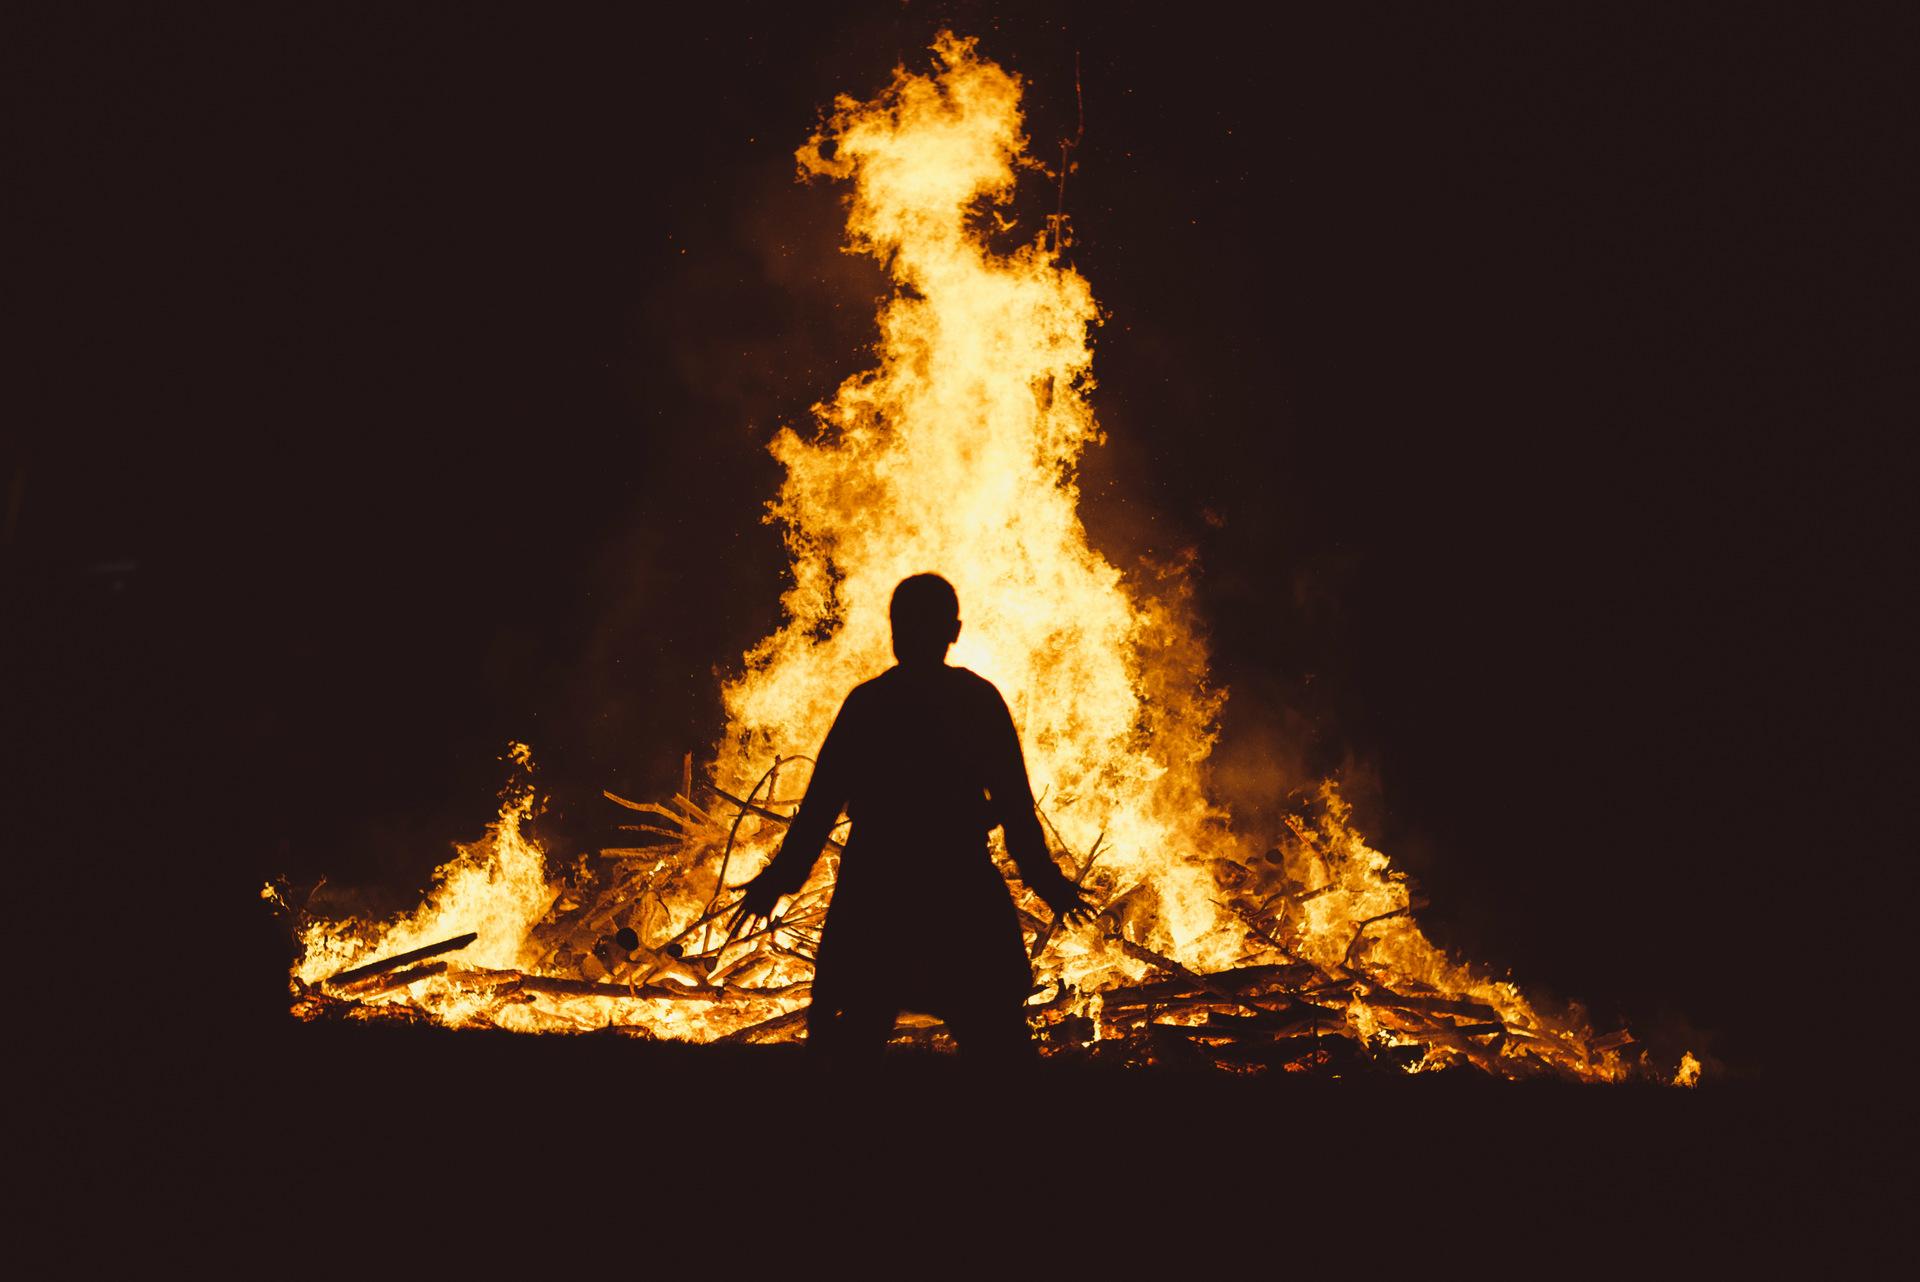 kresovanje ognisko